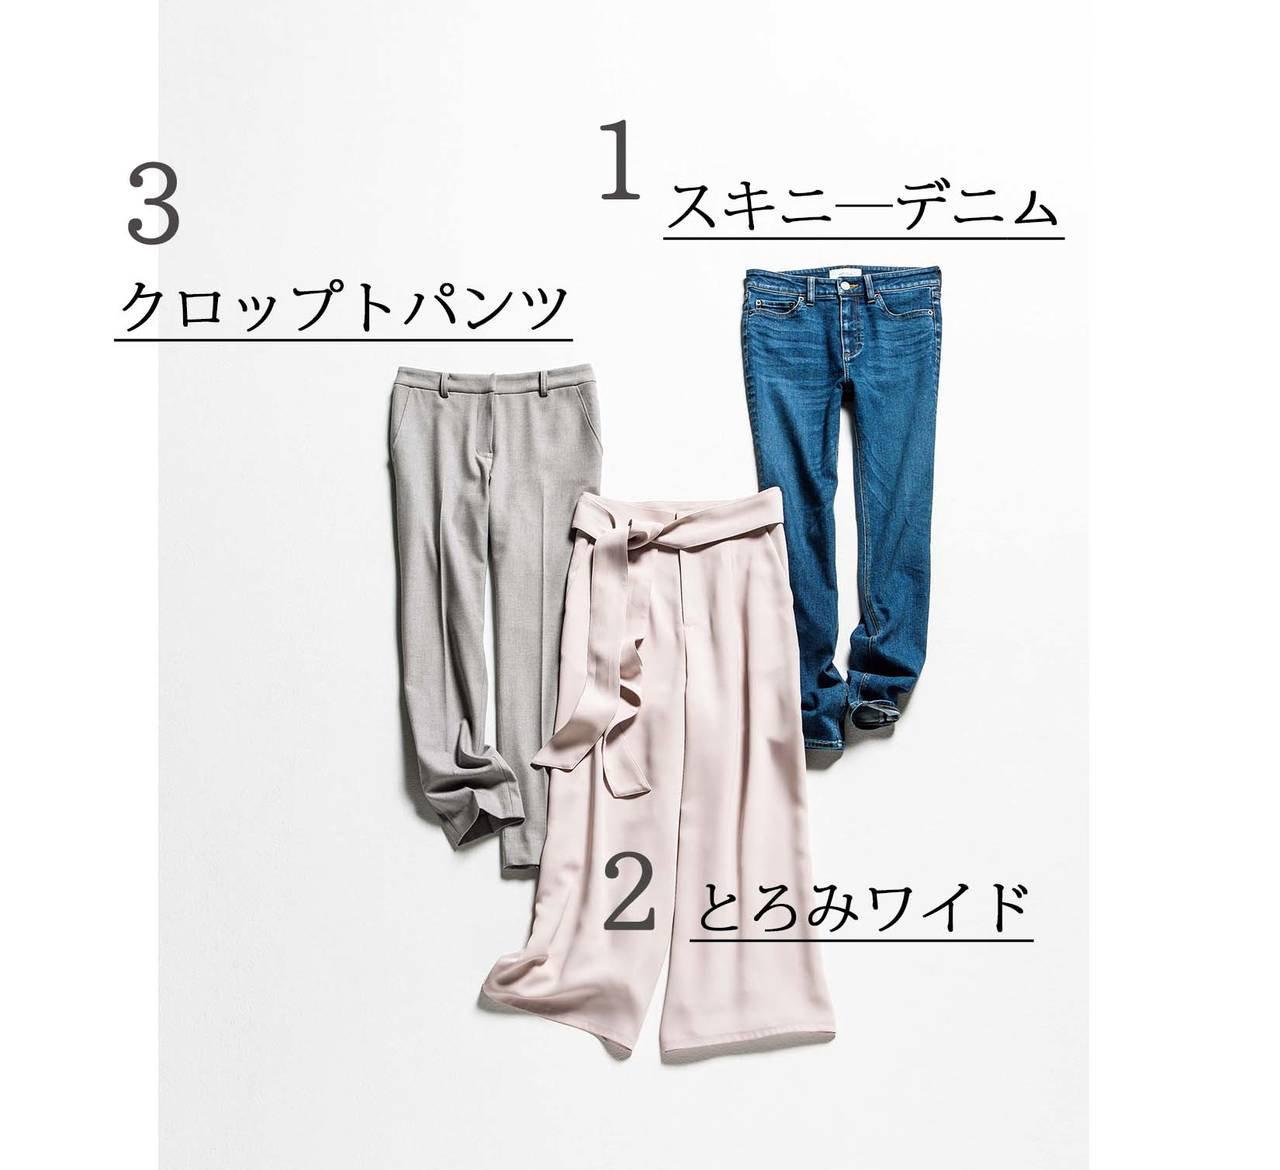 【モテるパンツは、この3本!】スキニーデニム・とろみワイド・クロップトパンツ [with]